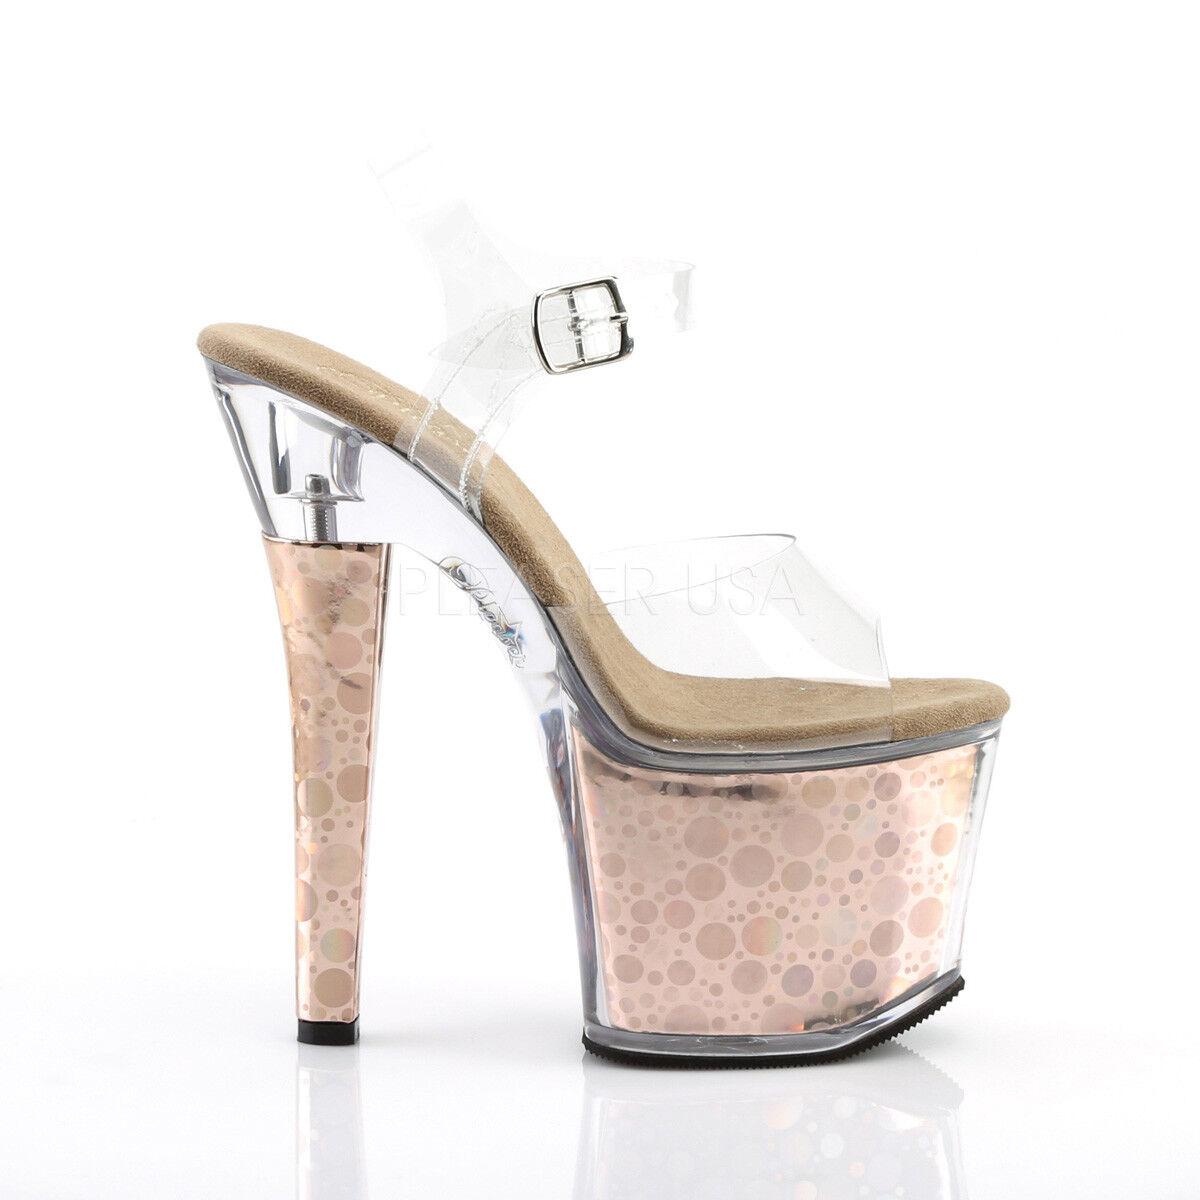 PLEASER Sexy 7  Heel Bronze Bronze Bronze Holographic Platform Stripper Clear Sandal schuhe a748a0